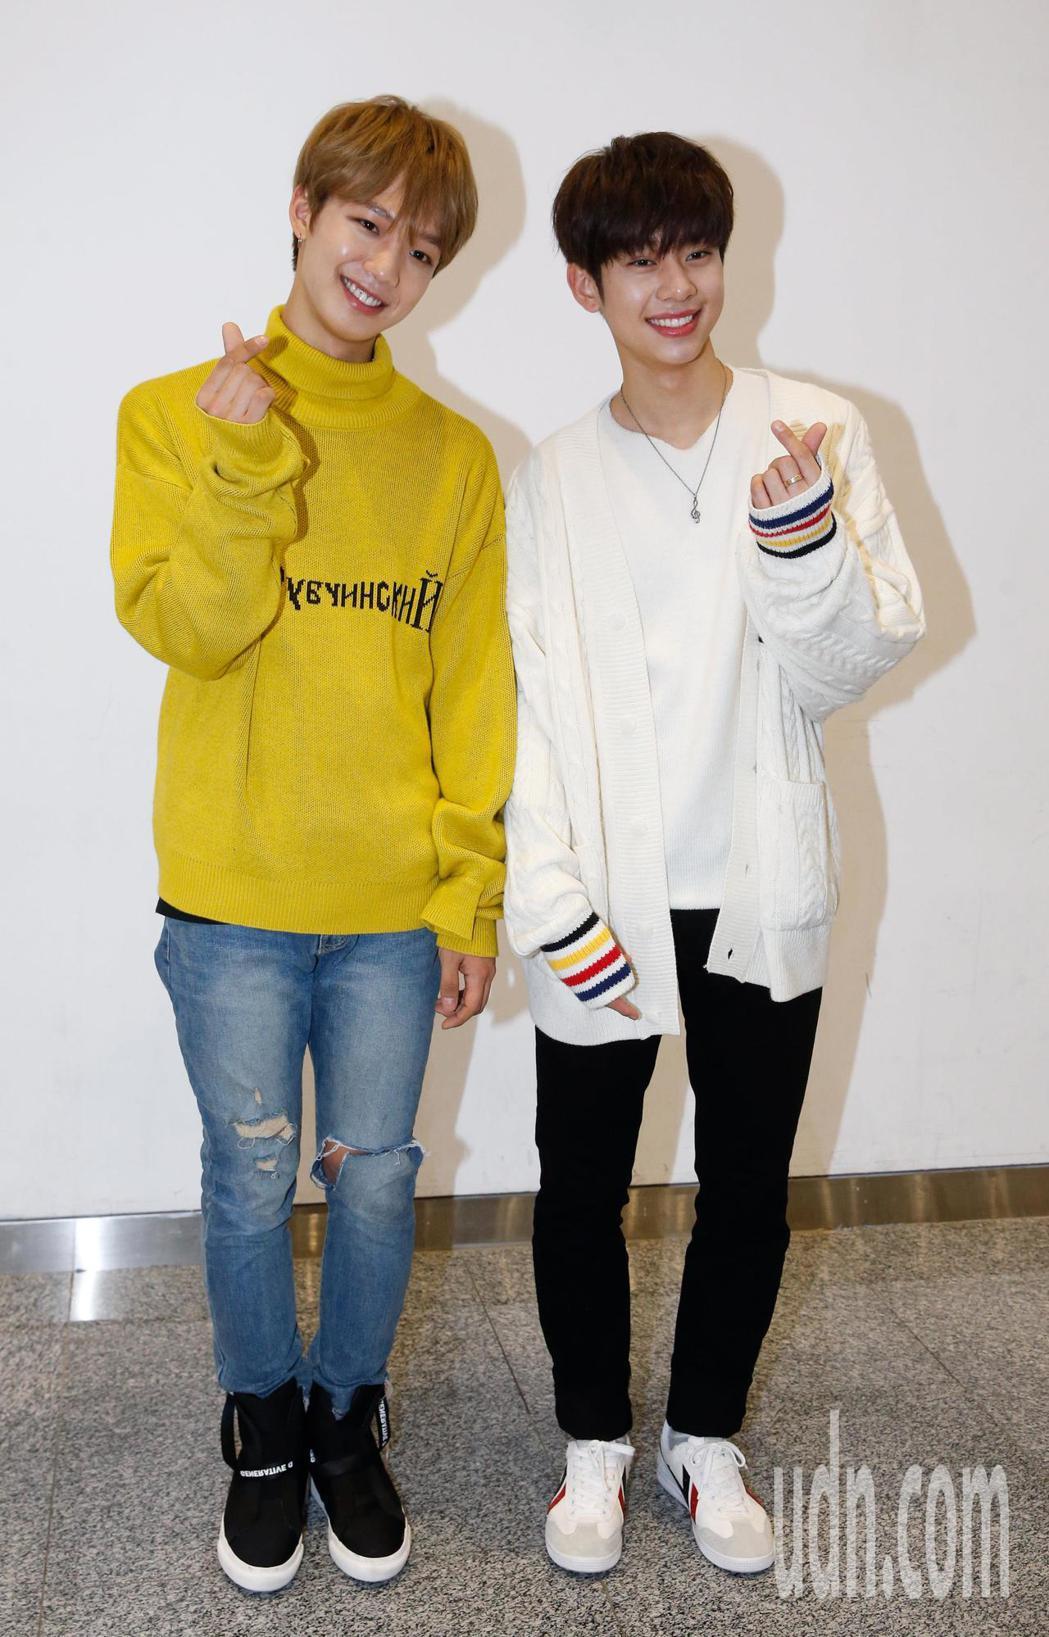 韓團「MXM」的林煐岷(左)與金東賢(右)中午抵台,兩人透過媒體的鏡頭向台灣粉絲...